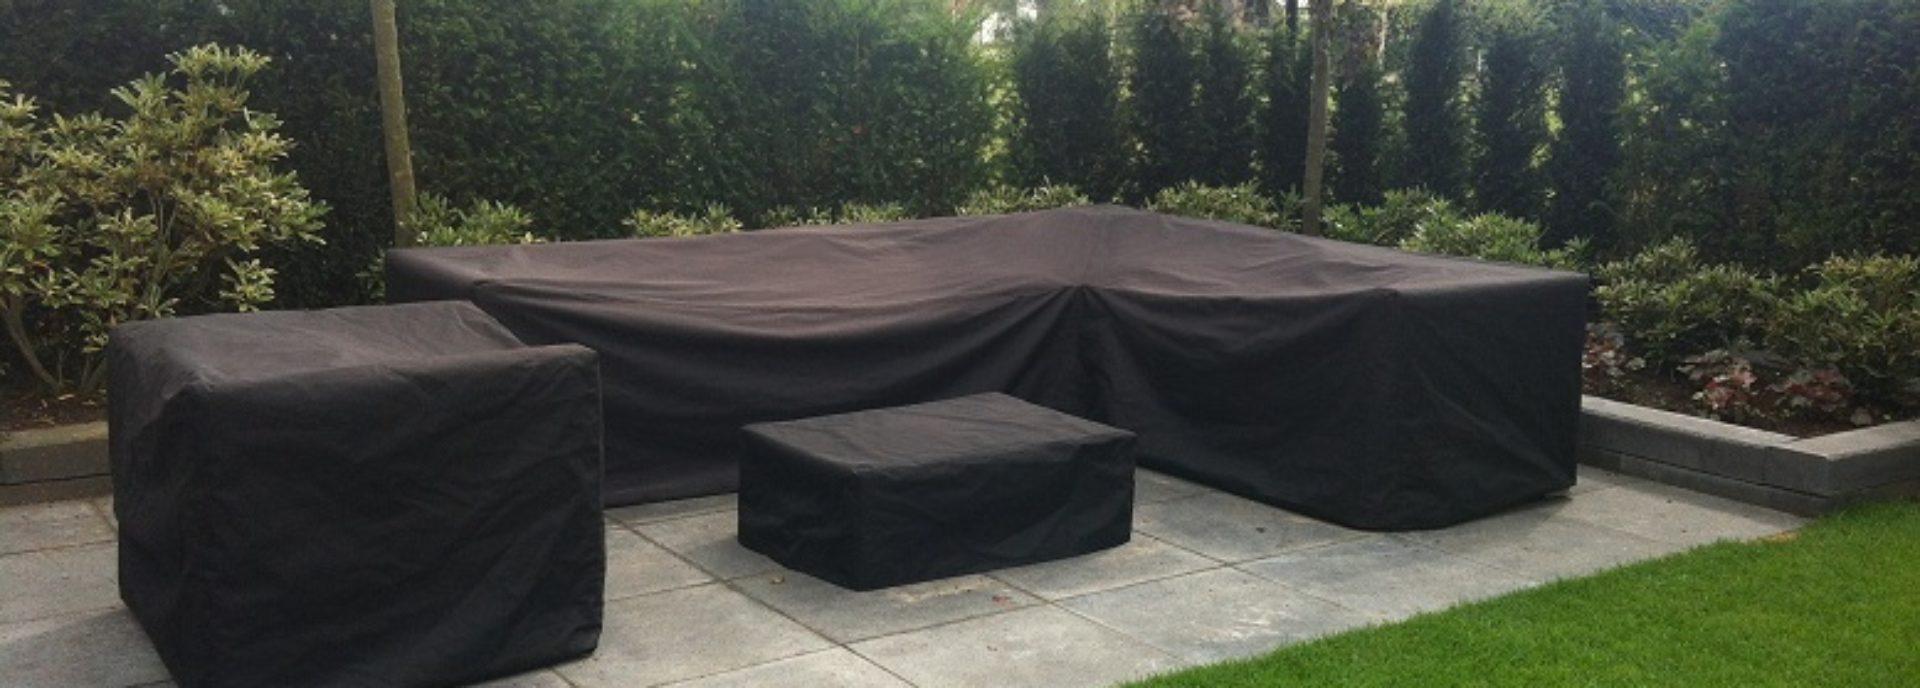 Fundas para muebles de jardin for Mobiliario de jardin barato